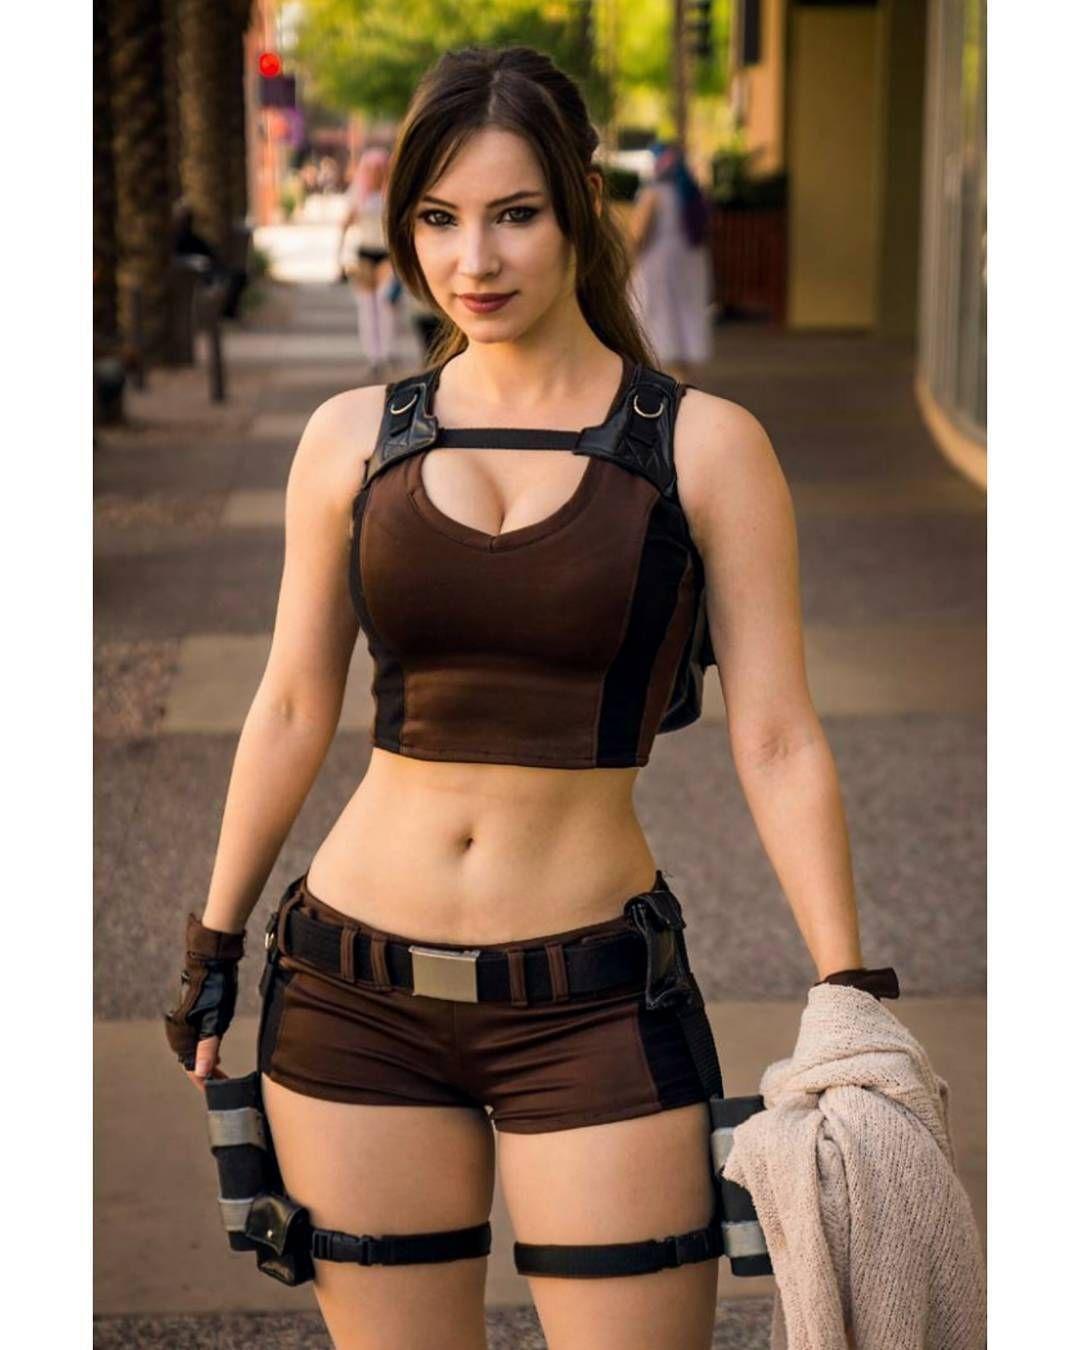 Hot Lara Croft Cosplay - Tomb Raider (Enji Night